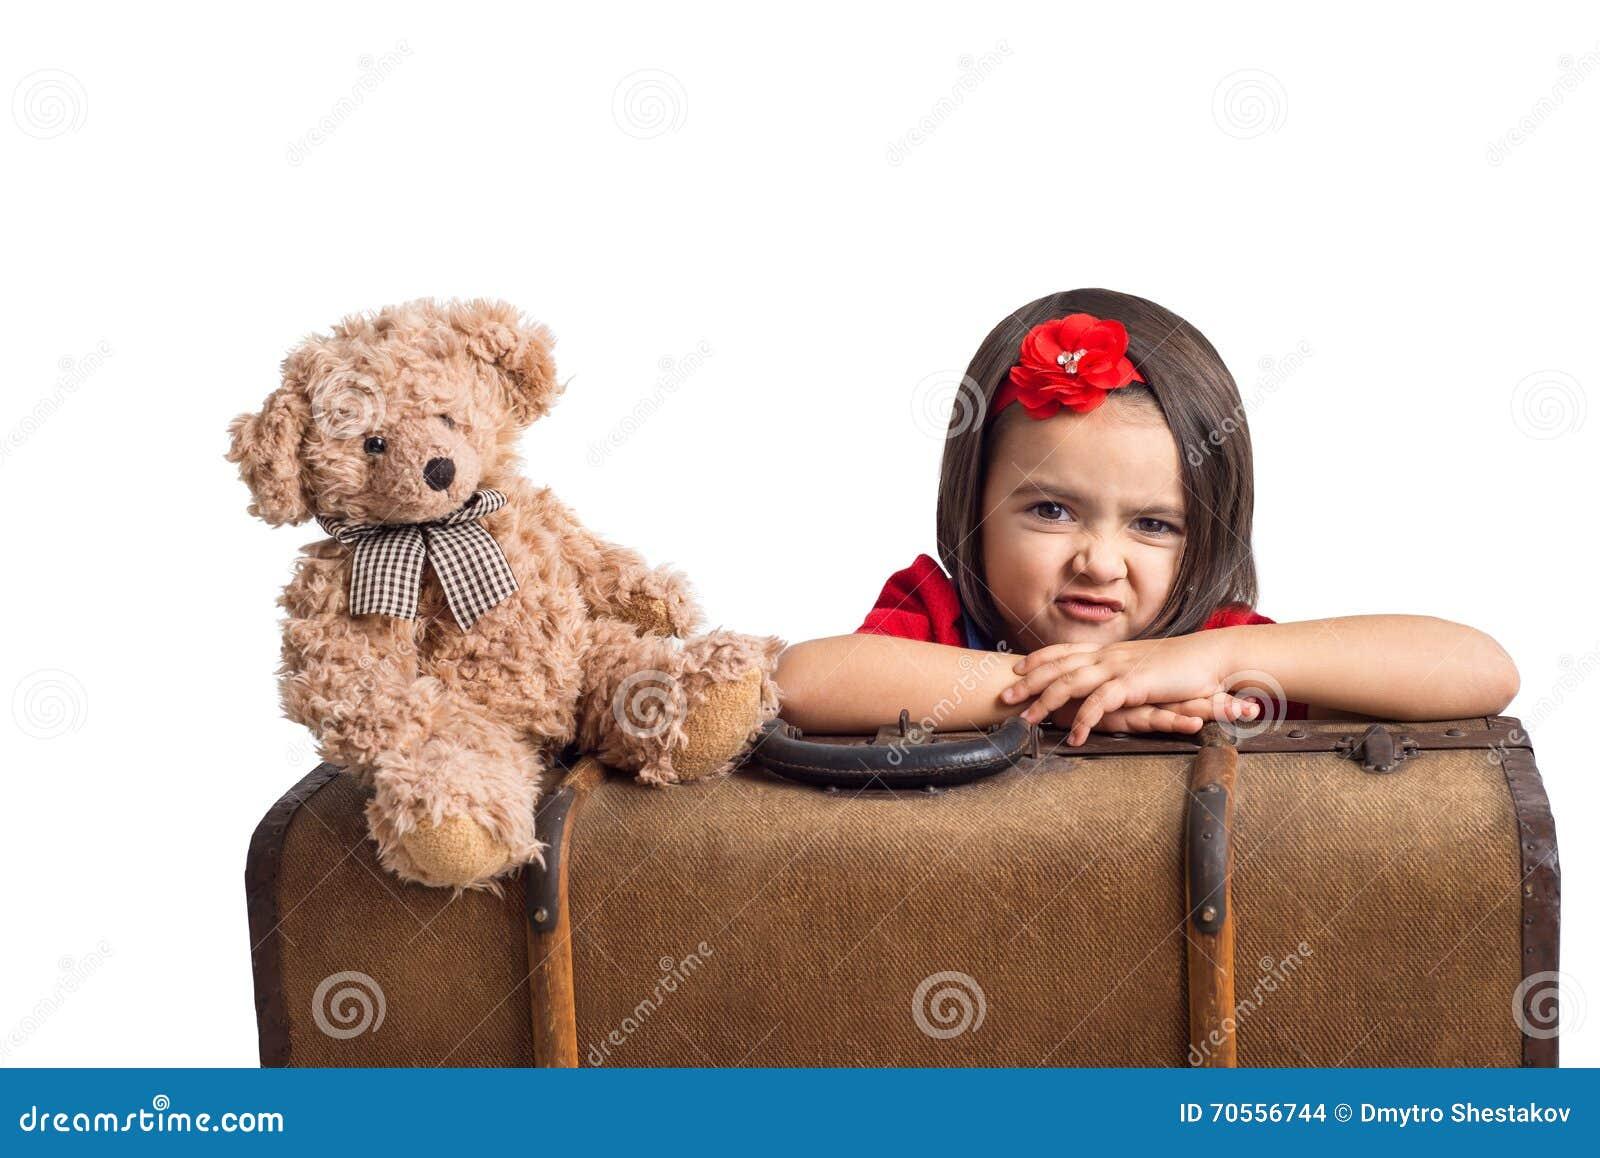 Nyckfull liten flicka med resväska- och leksakbjörnen